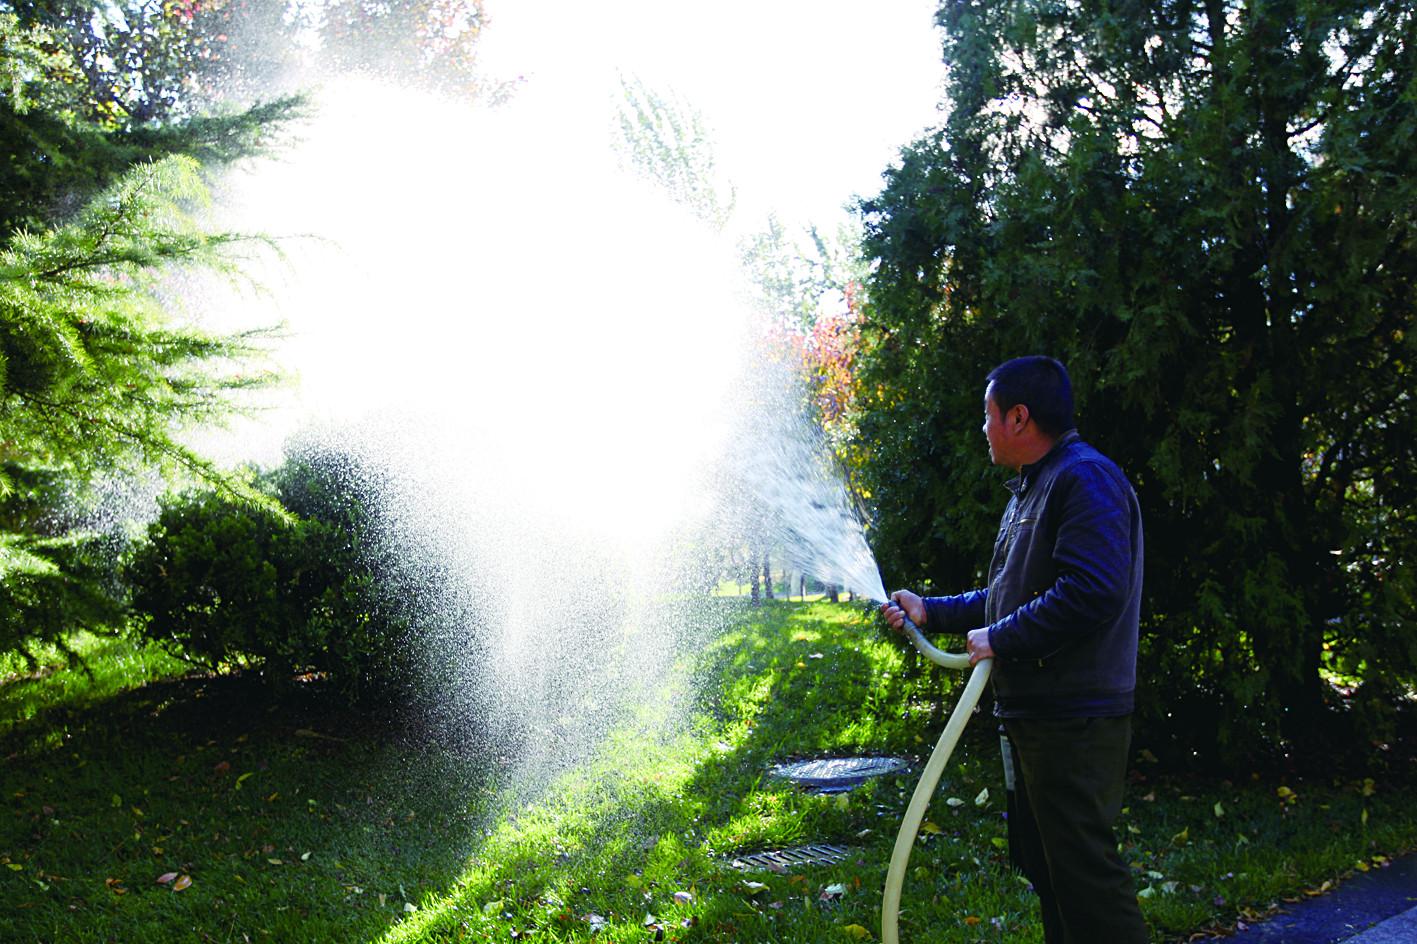 后勤工作人员给树木浇水